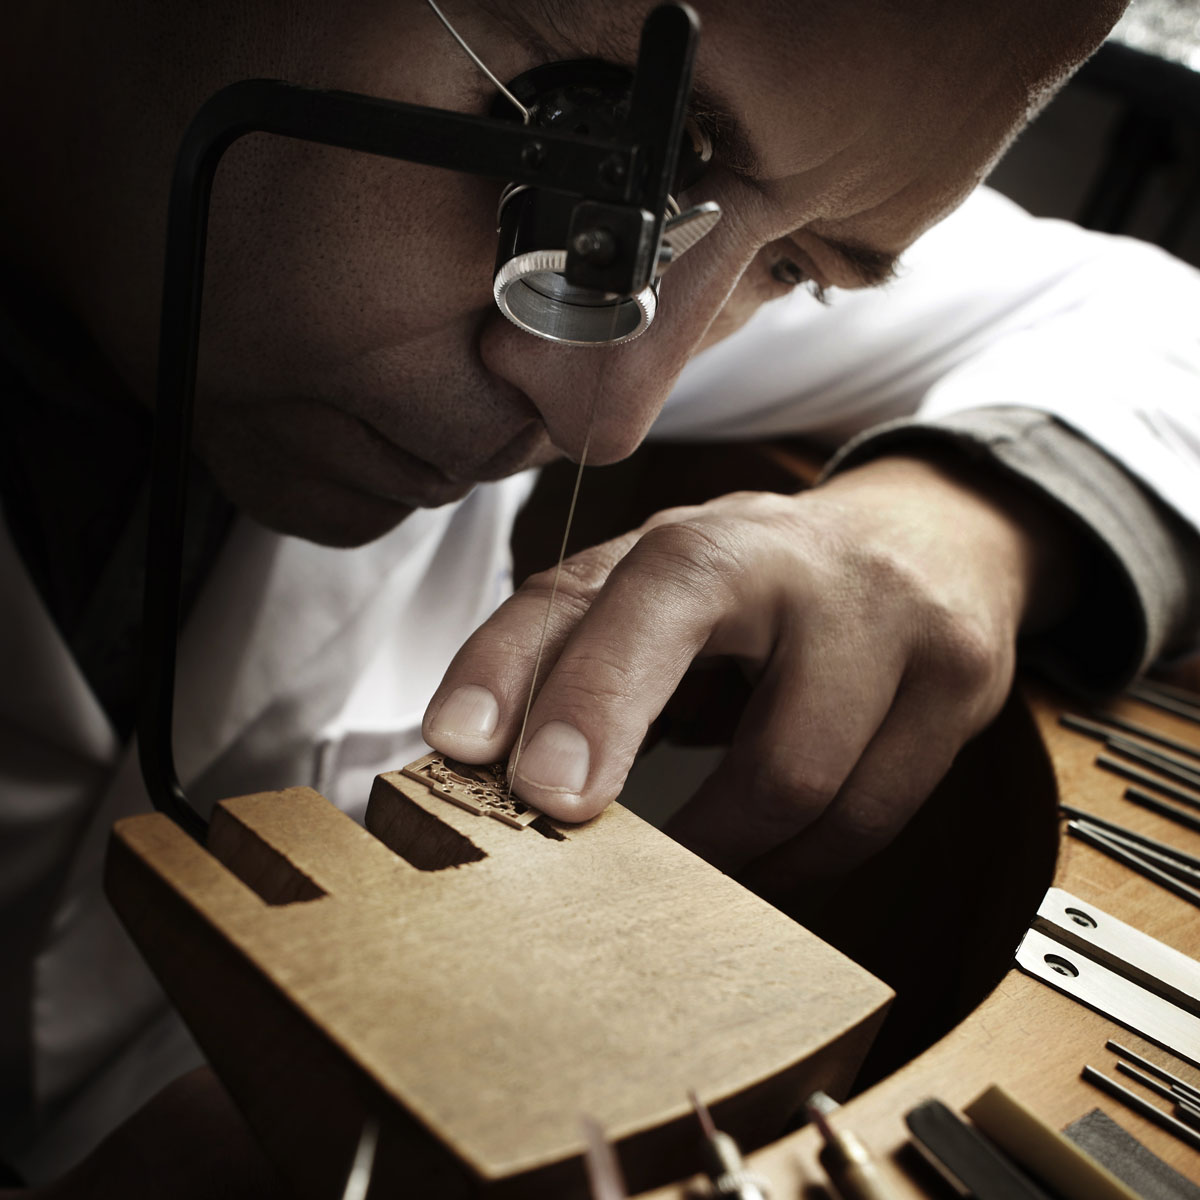 La Cote des Montres : Photo - Jaeger-LeCoultre Master Grande Tradition à Quantième Perpétuel 8 jours SQ